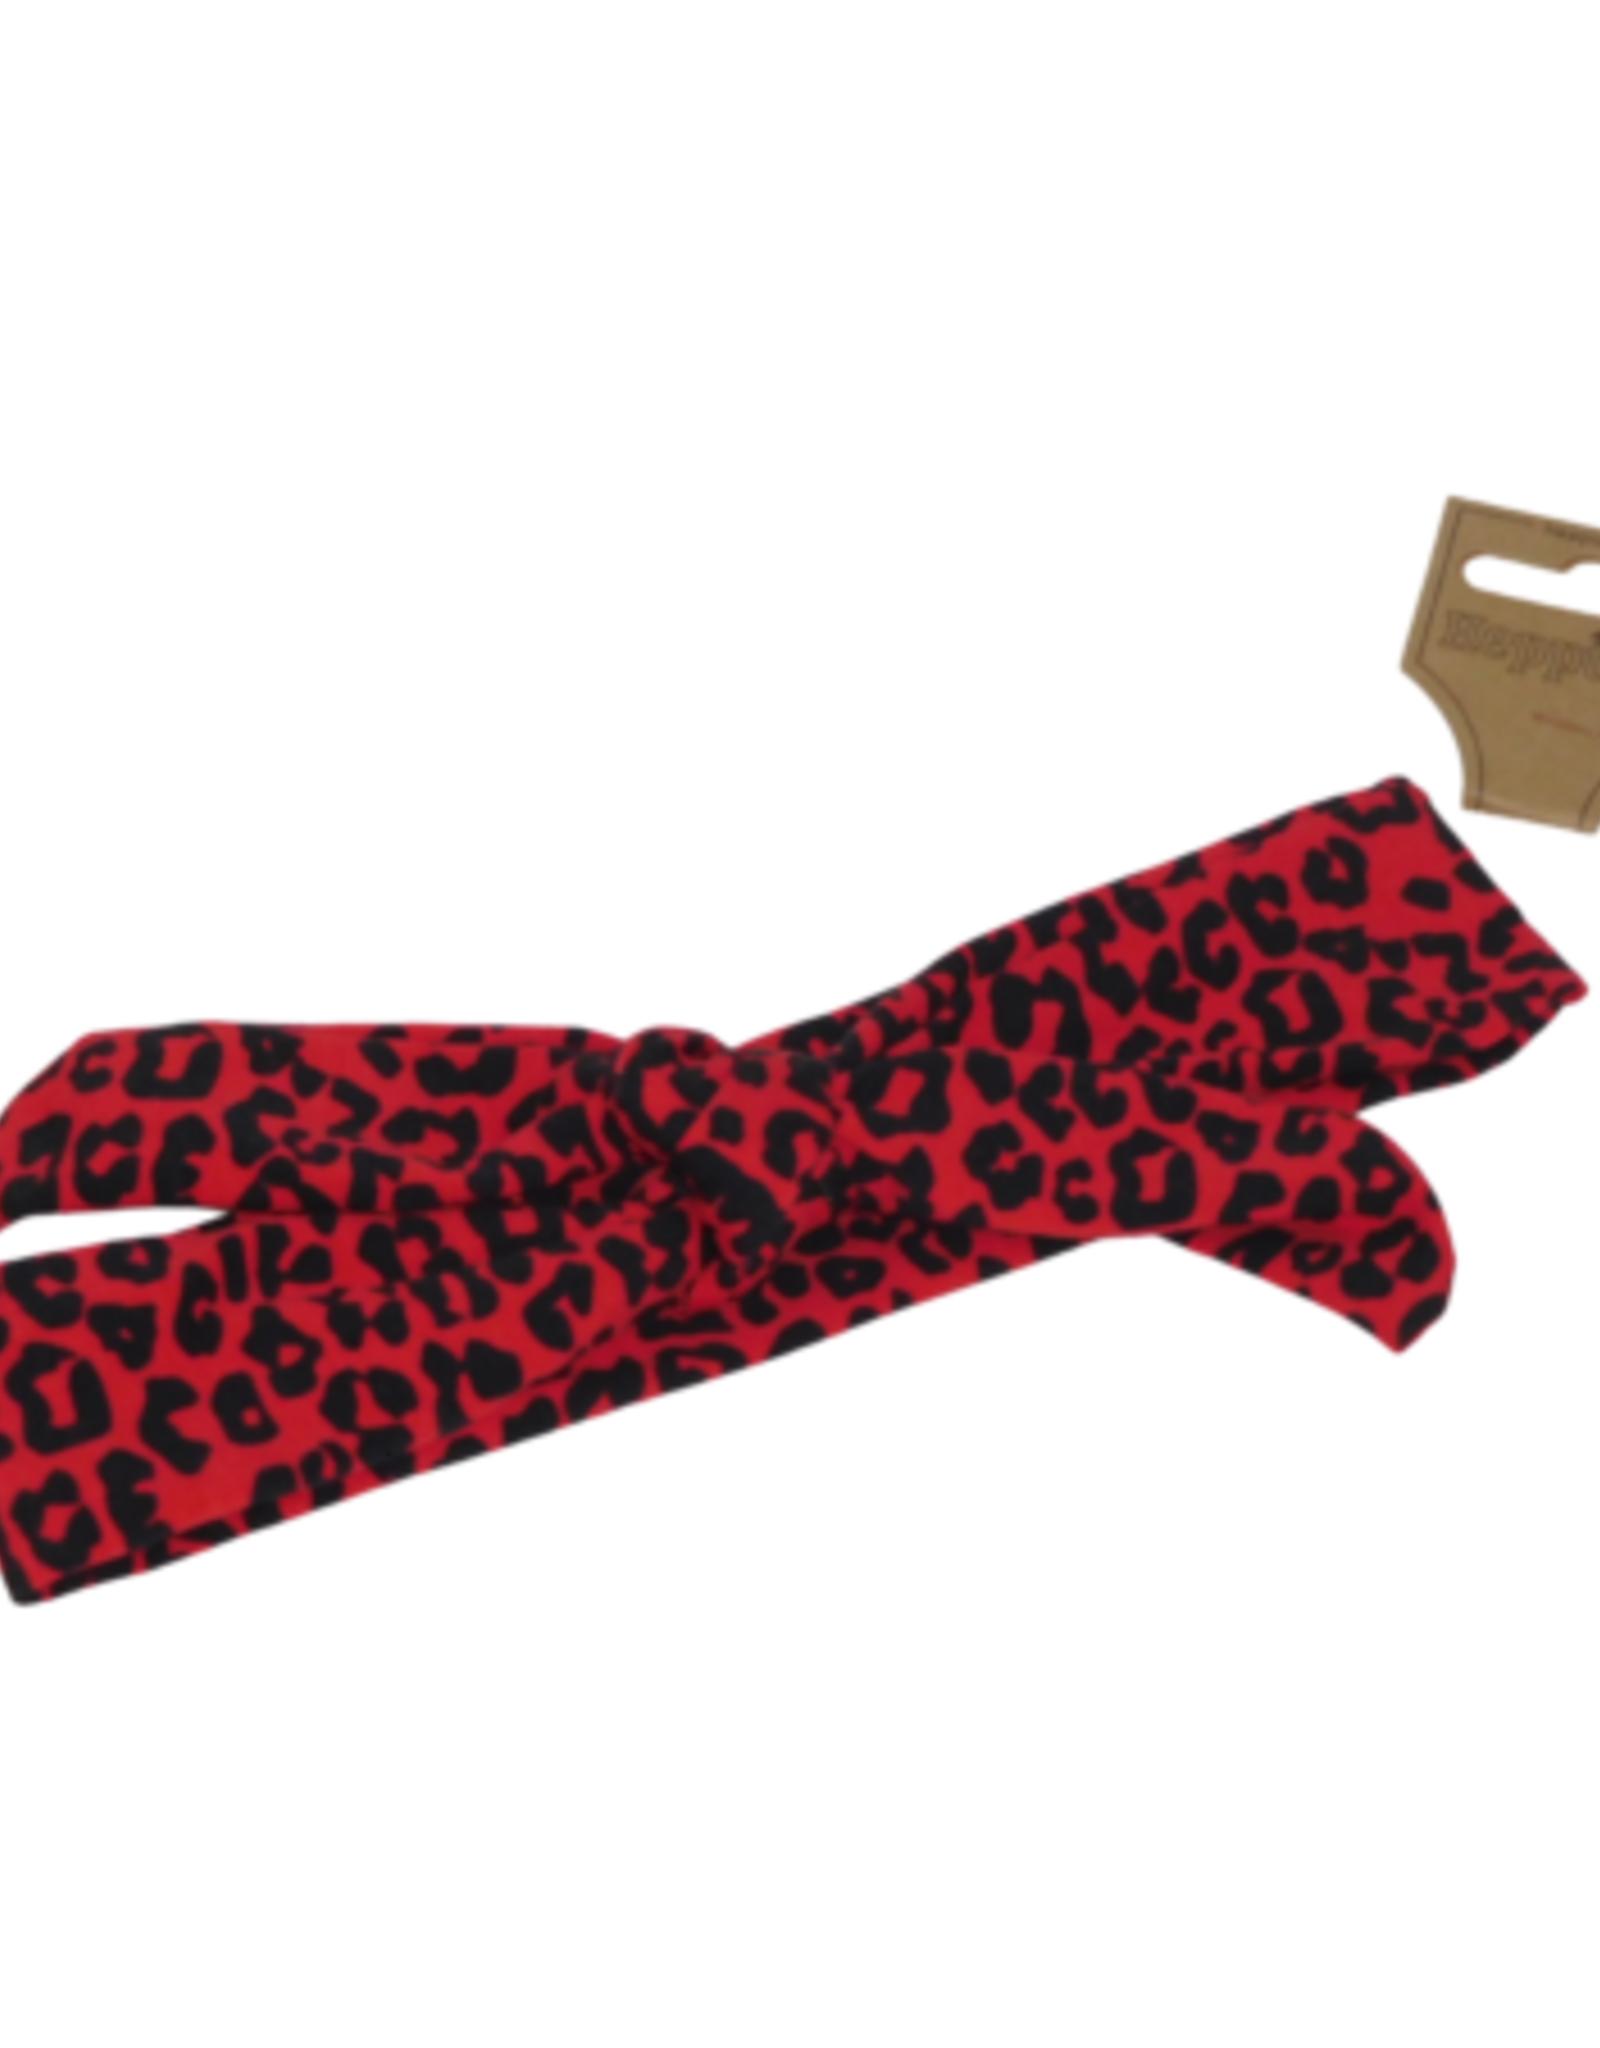 Knoophaarband Panterprint rood